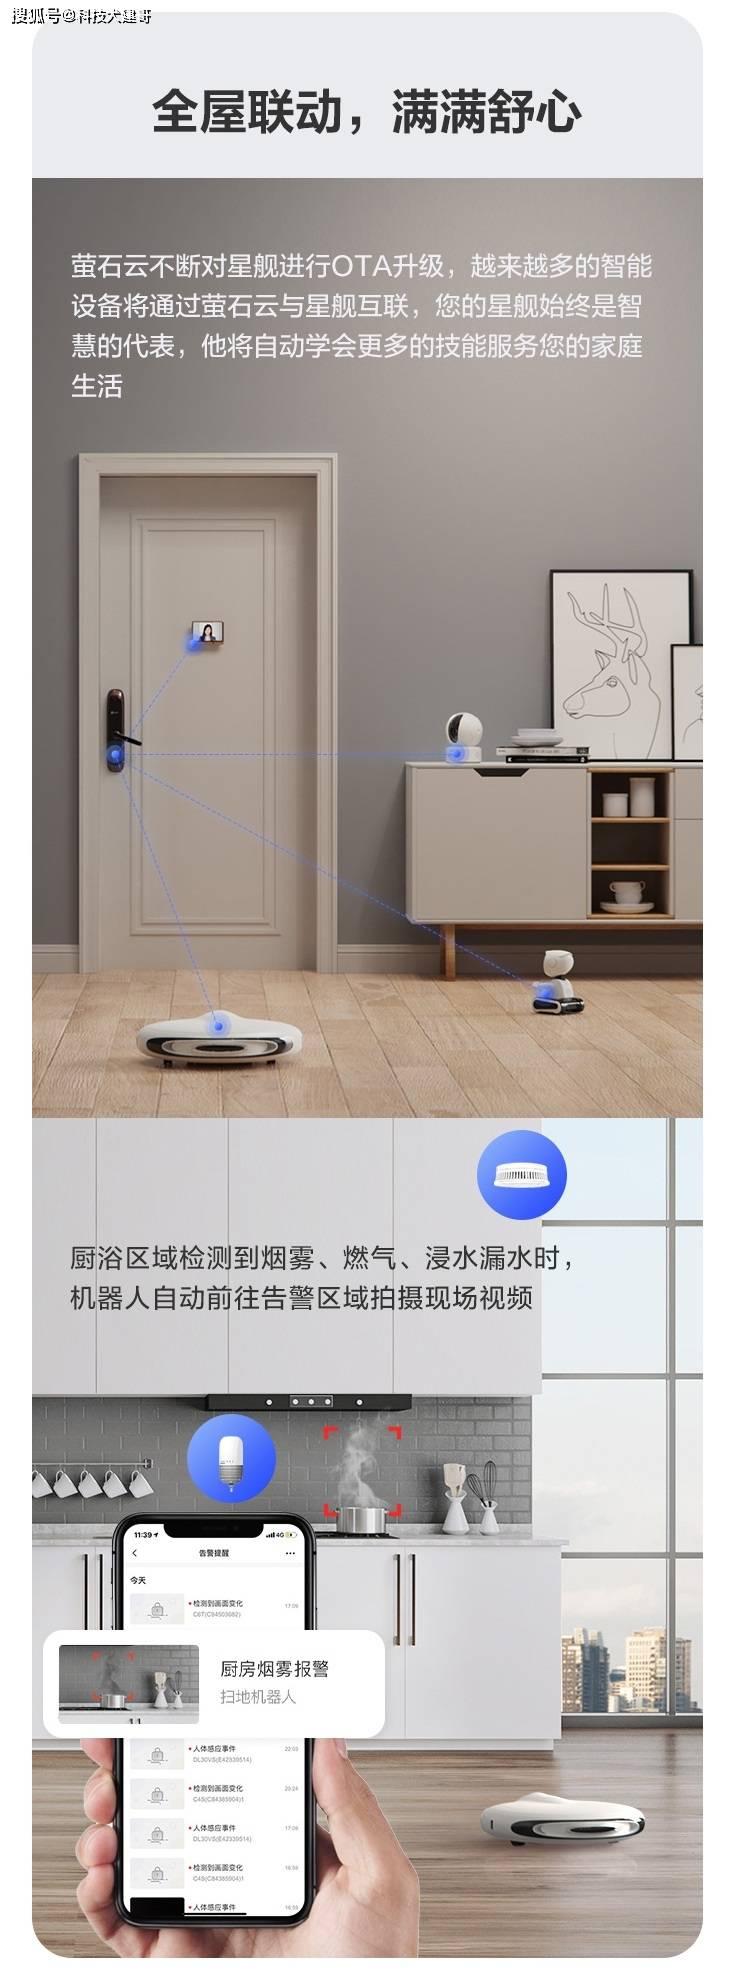 萤石智能云视觉扫地机器人发布;魅族18Pro搭载盛世美颜前摄